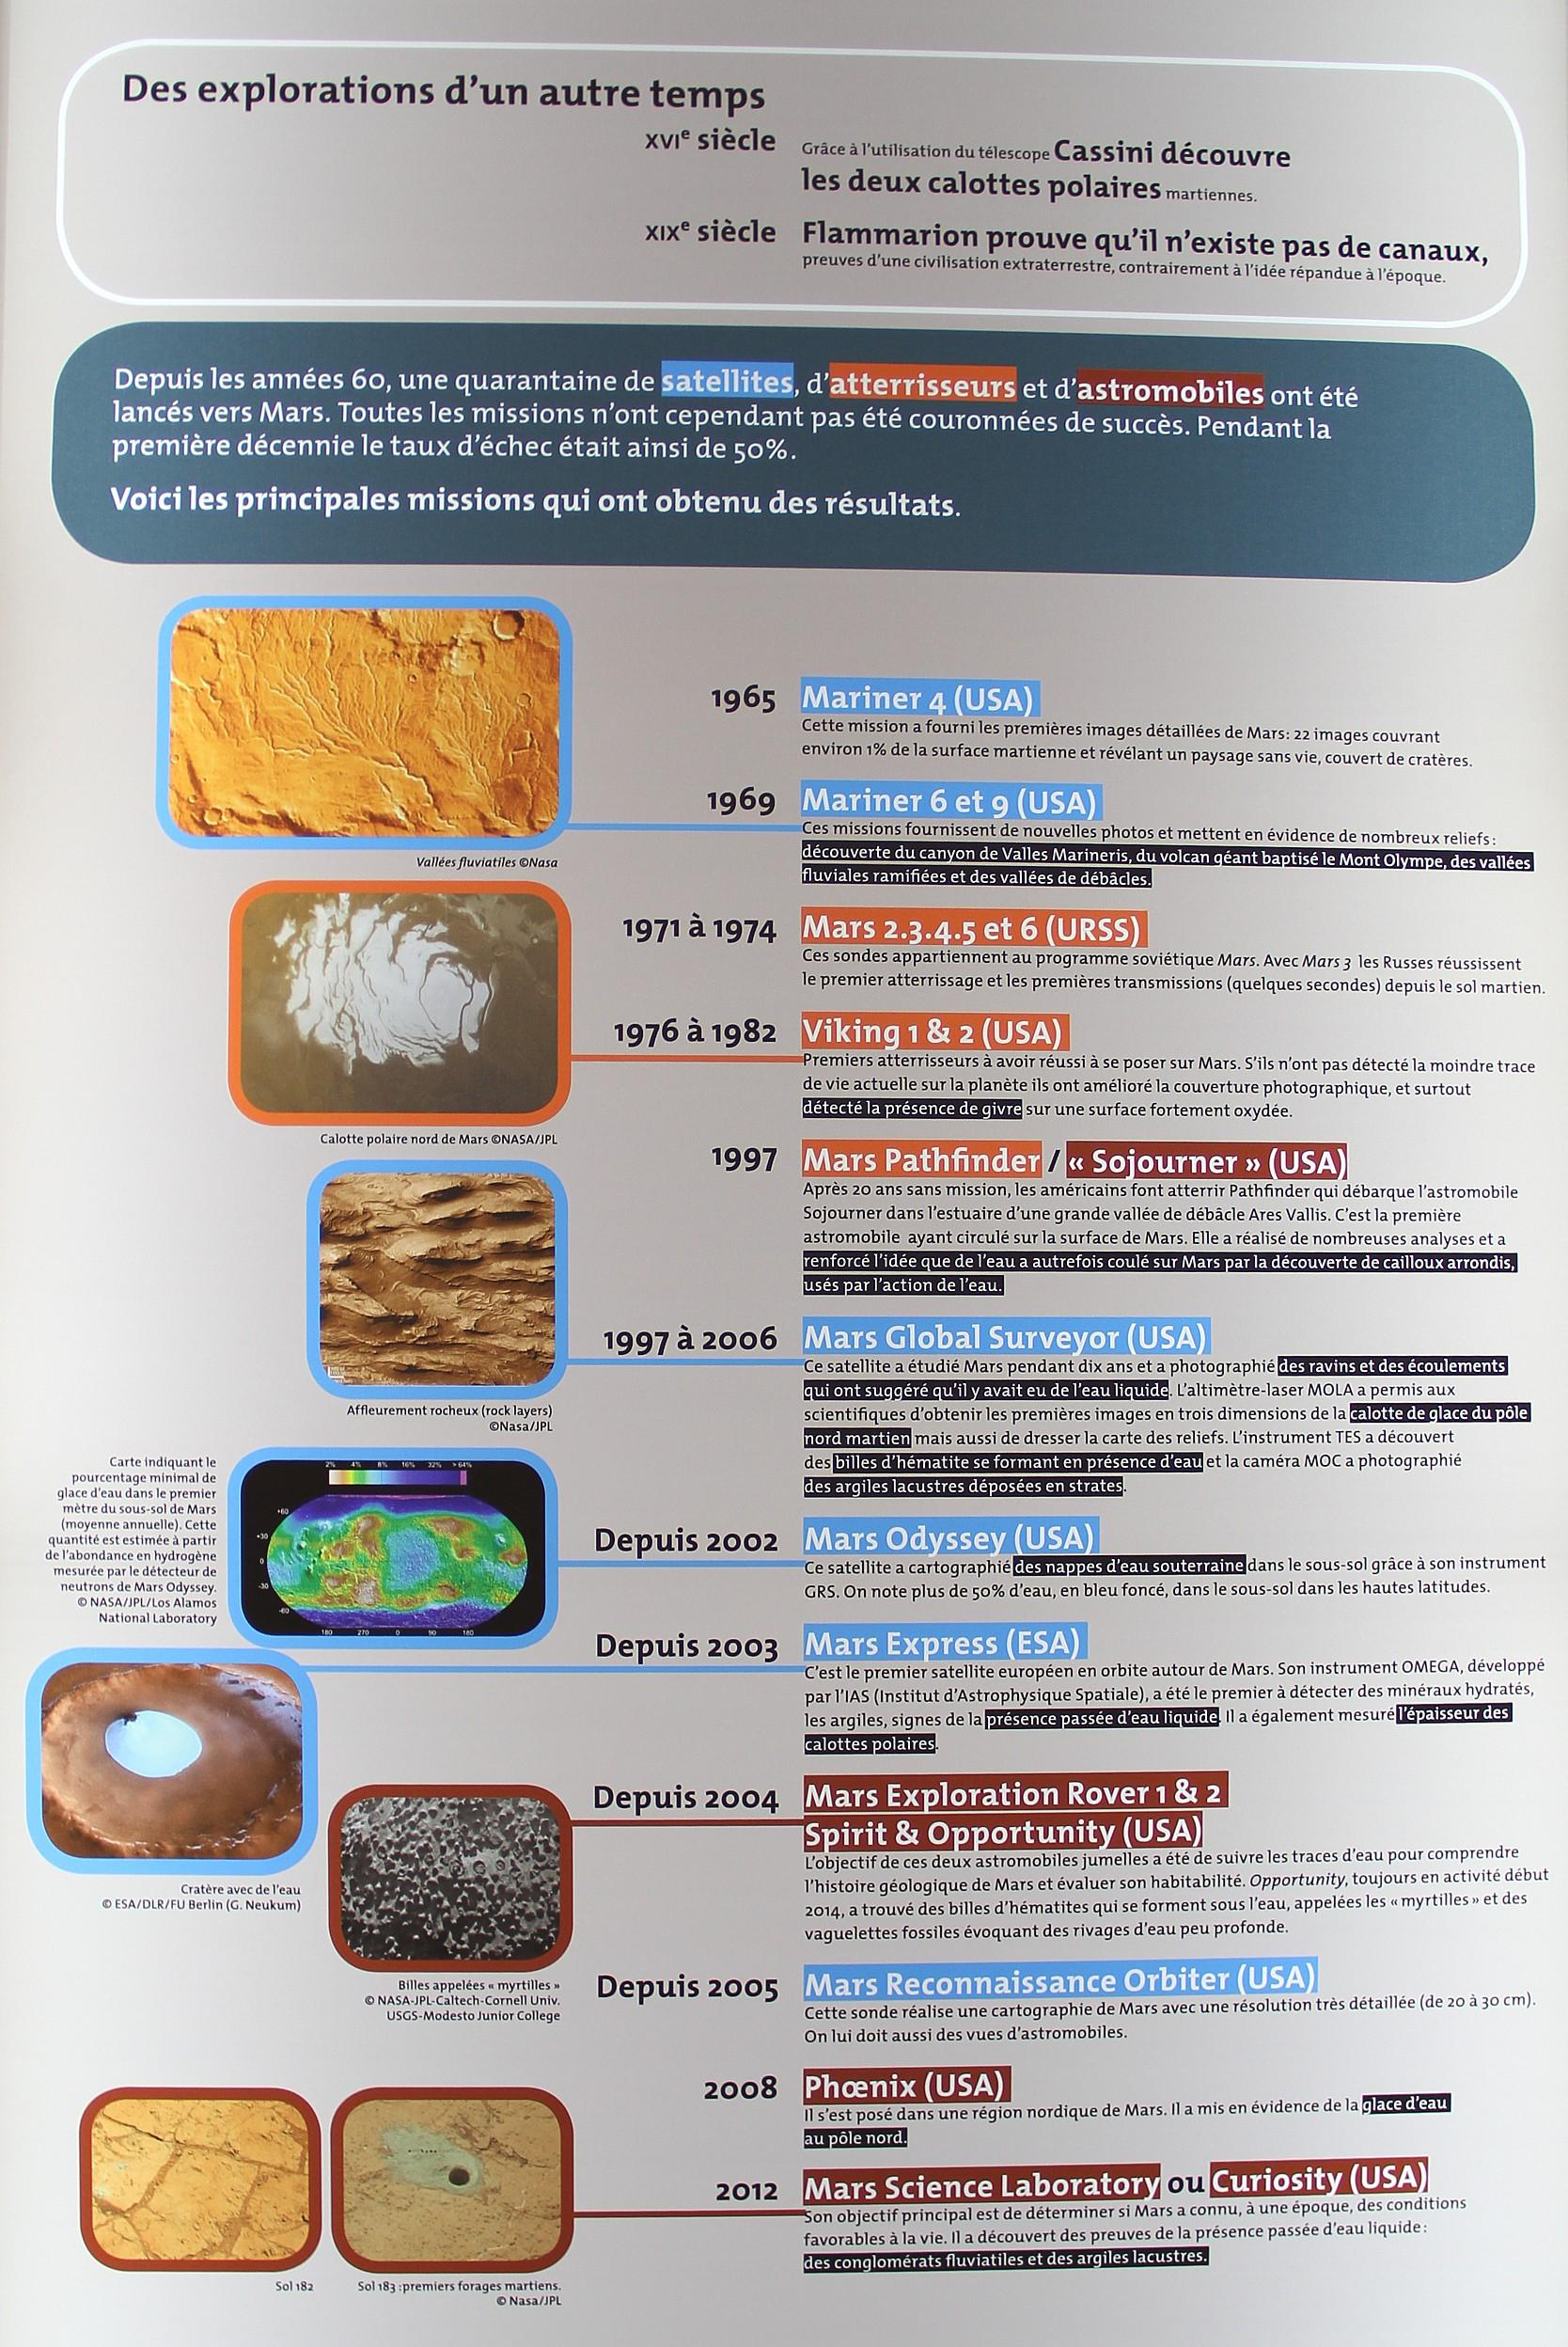 14 03 23 - 18h 52m 56s - Exposition l'eau sur Mars tr